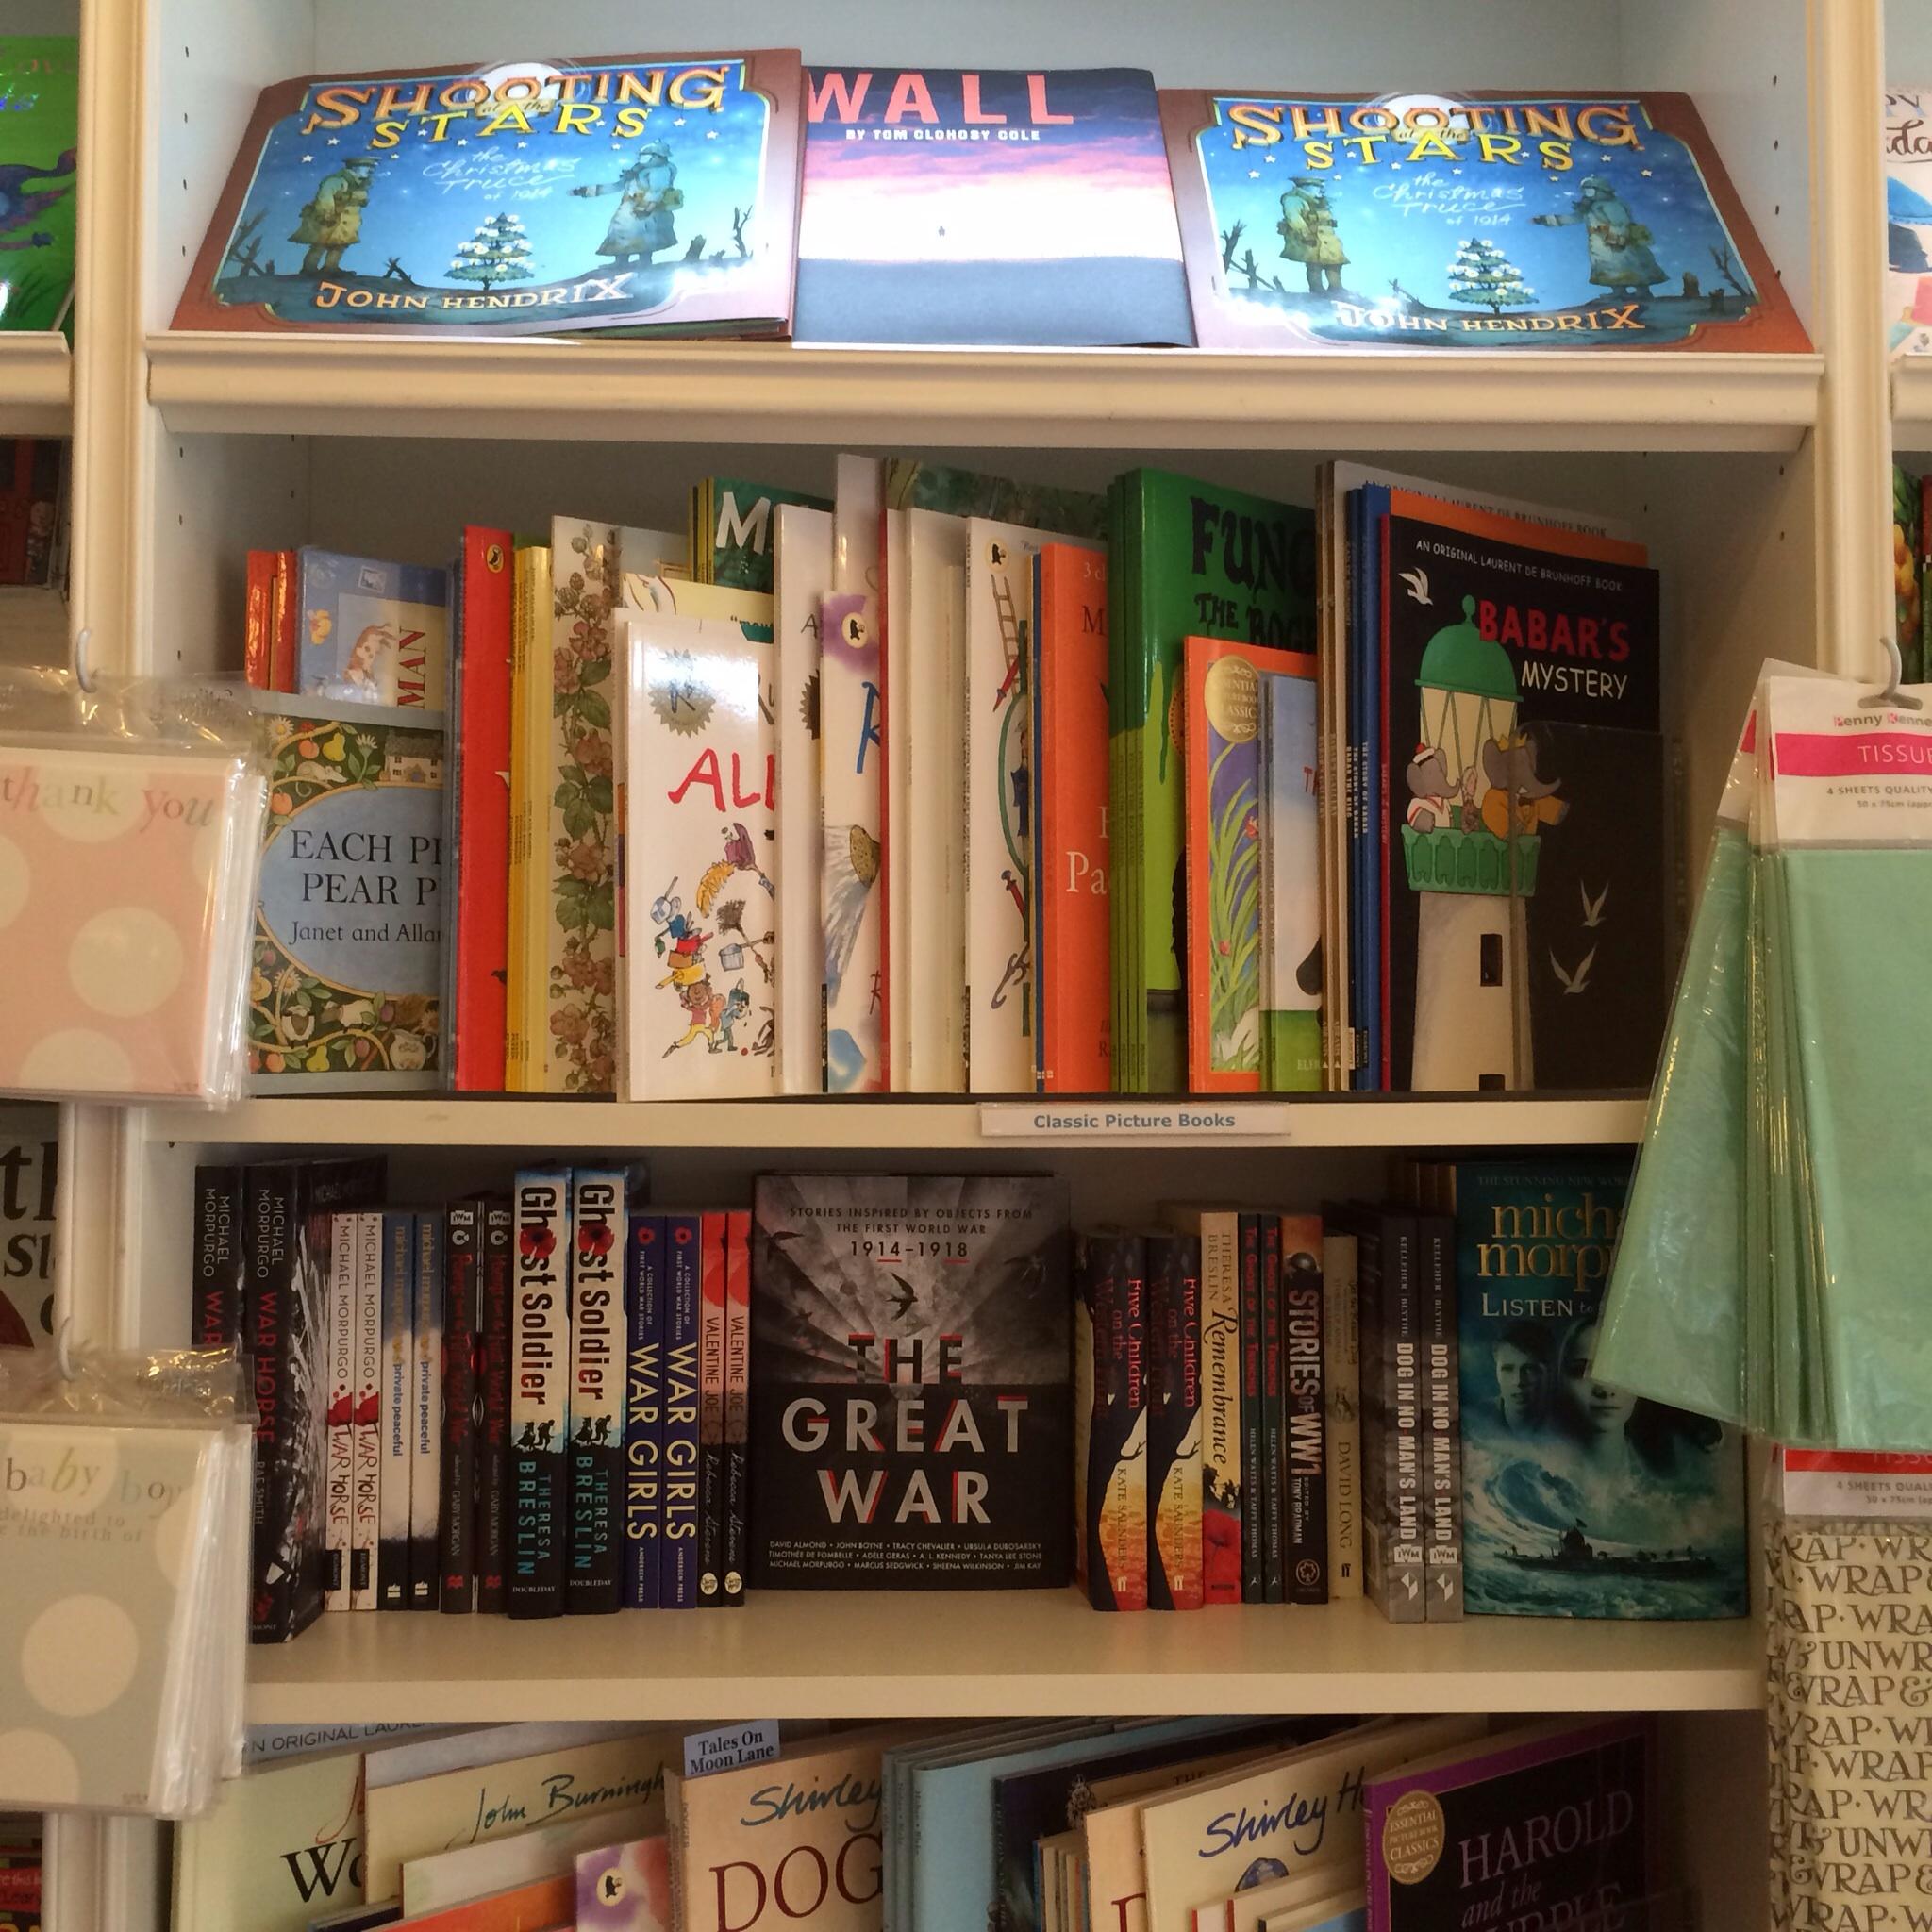 More books!